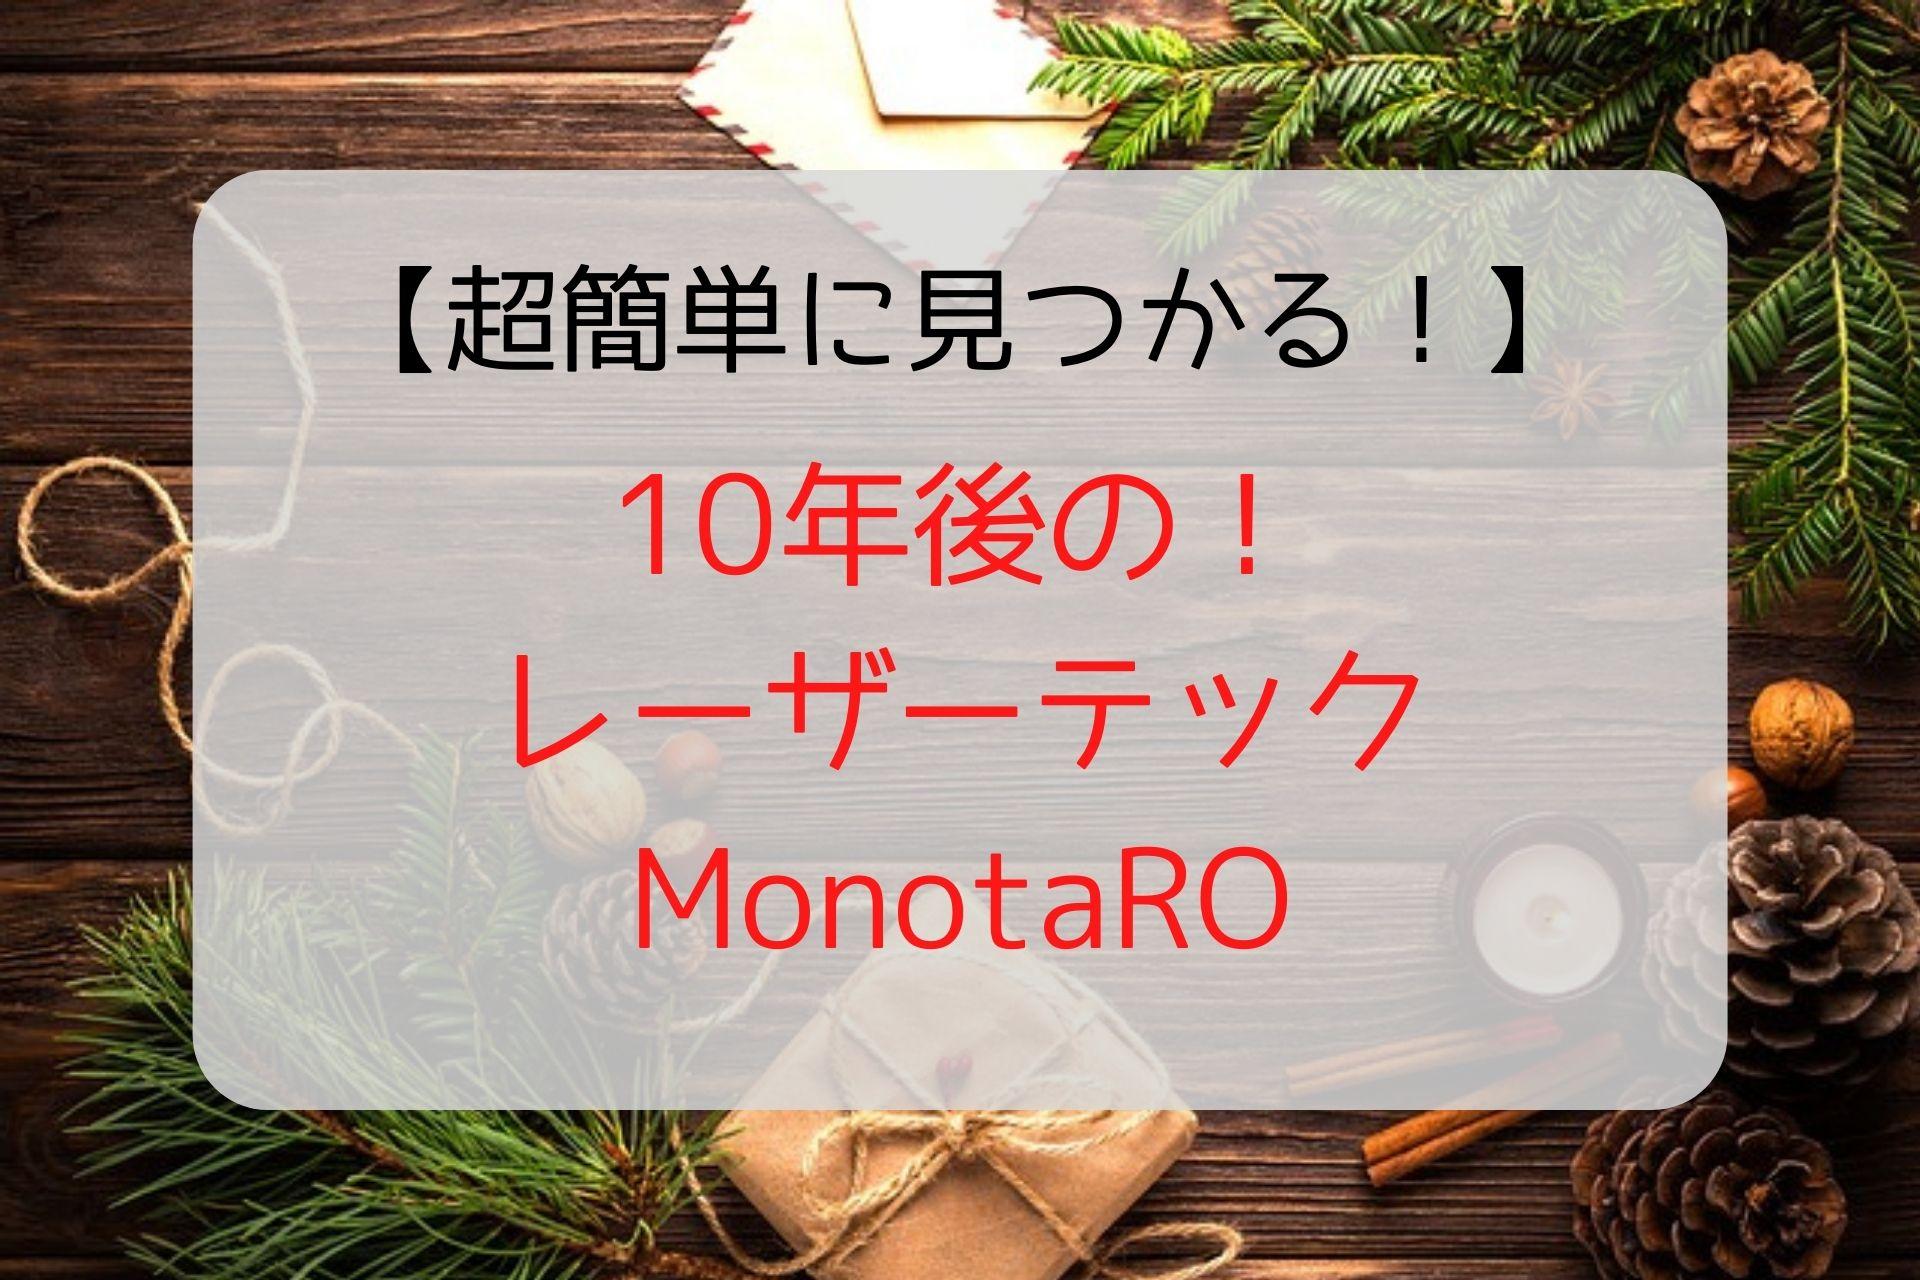 10年後のレーザーテックやMonotaRO【超簡単に見つかる!】